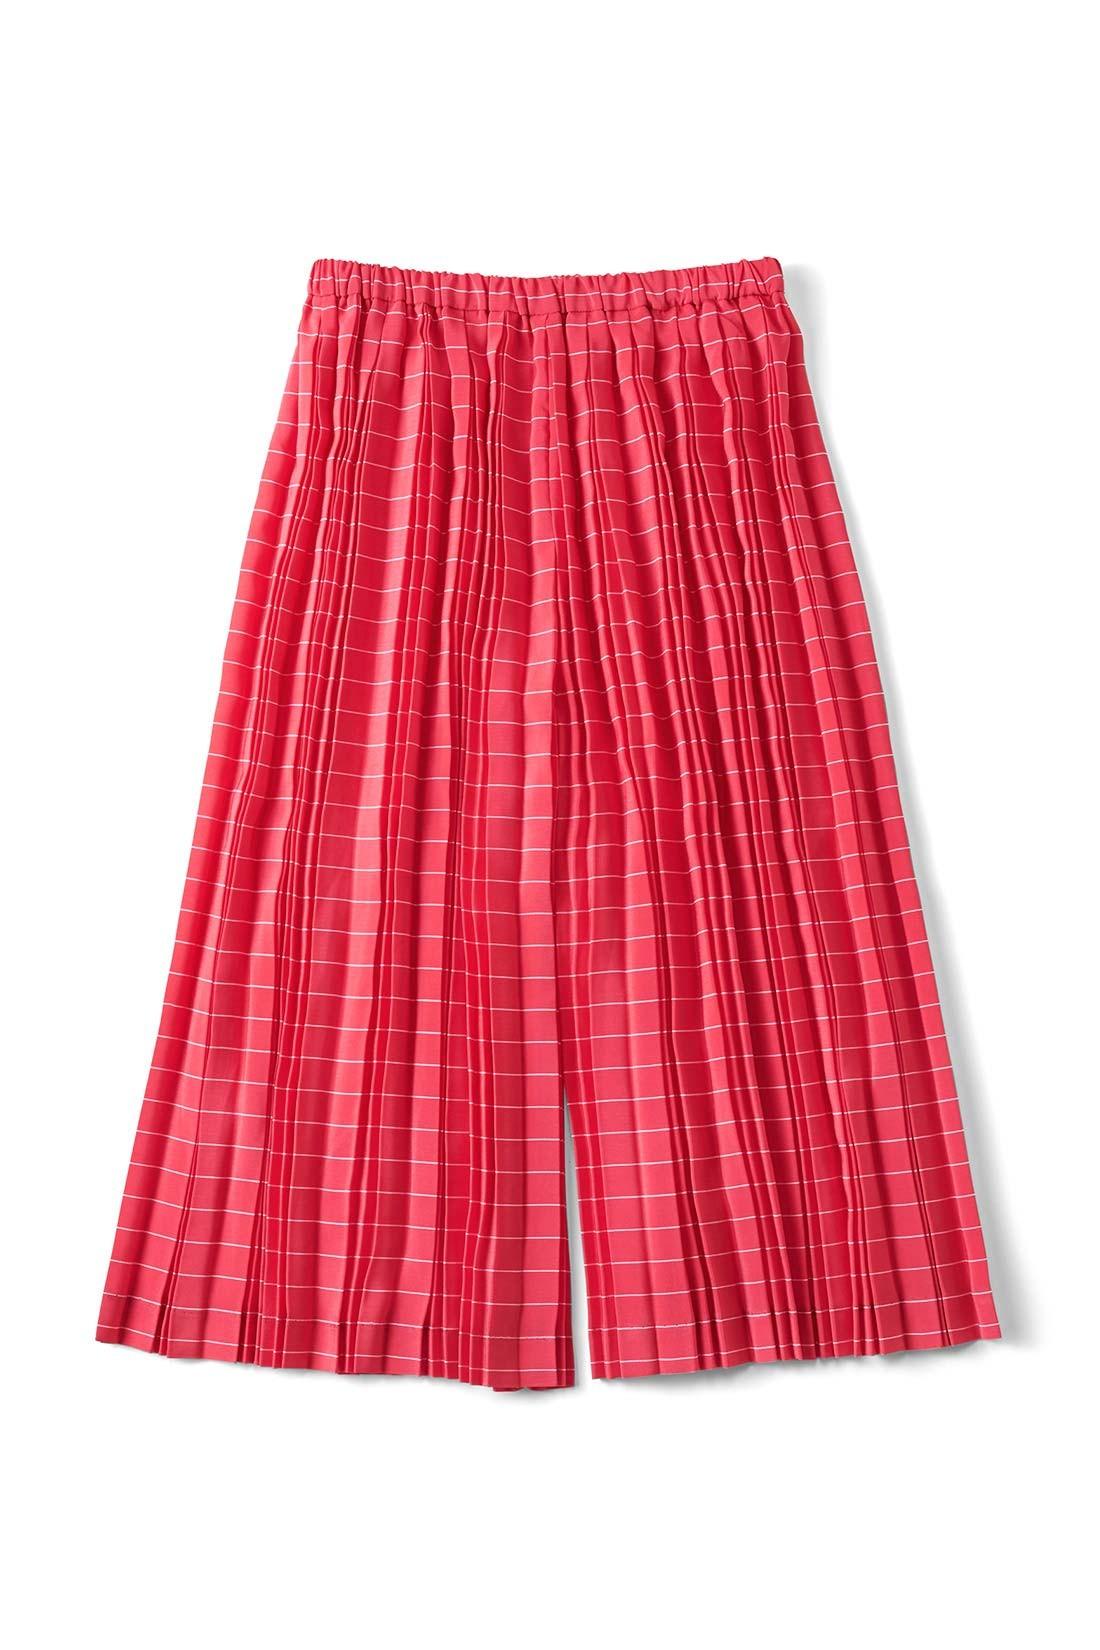 【チェリー】 ストンときれいに落ちる、スカートとパンツの間くらいのシルエット。